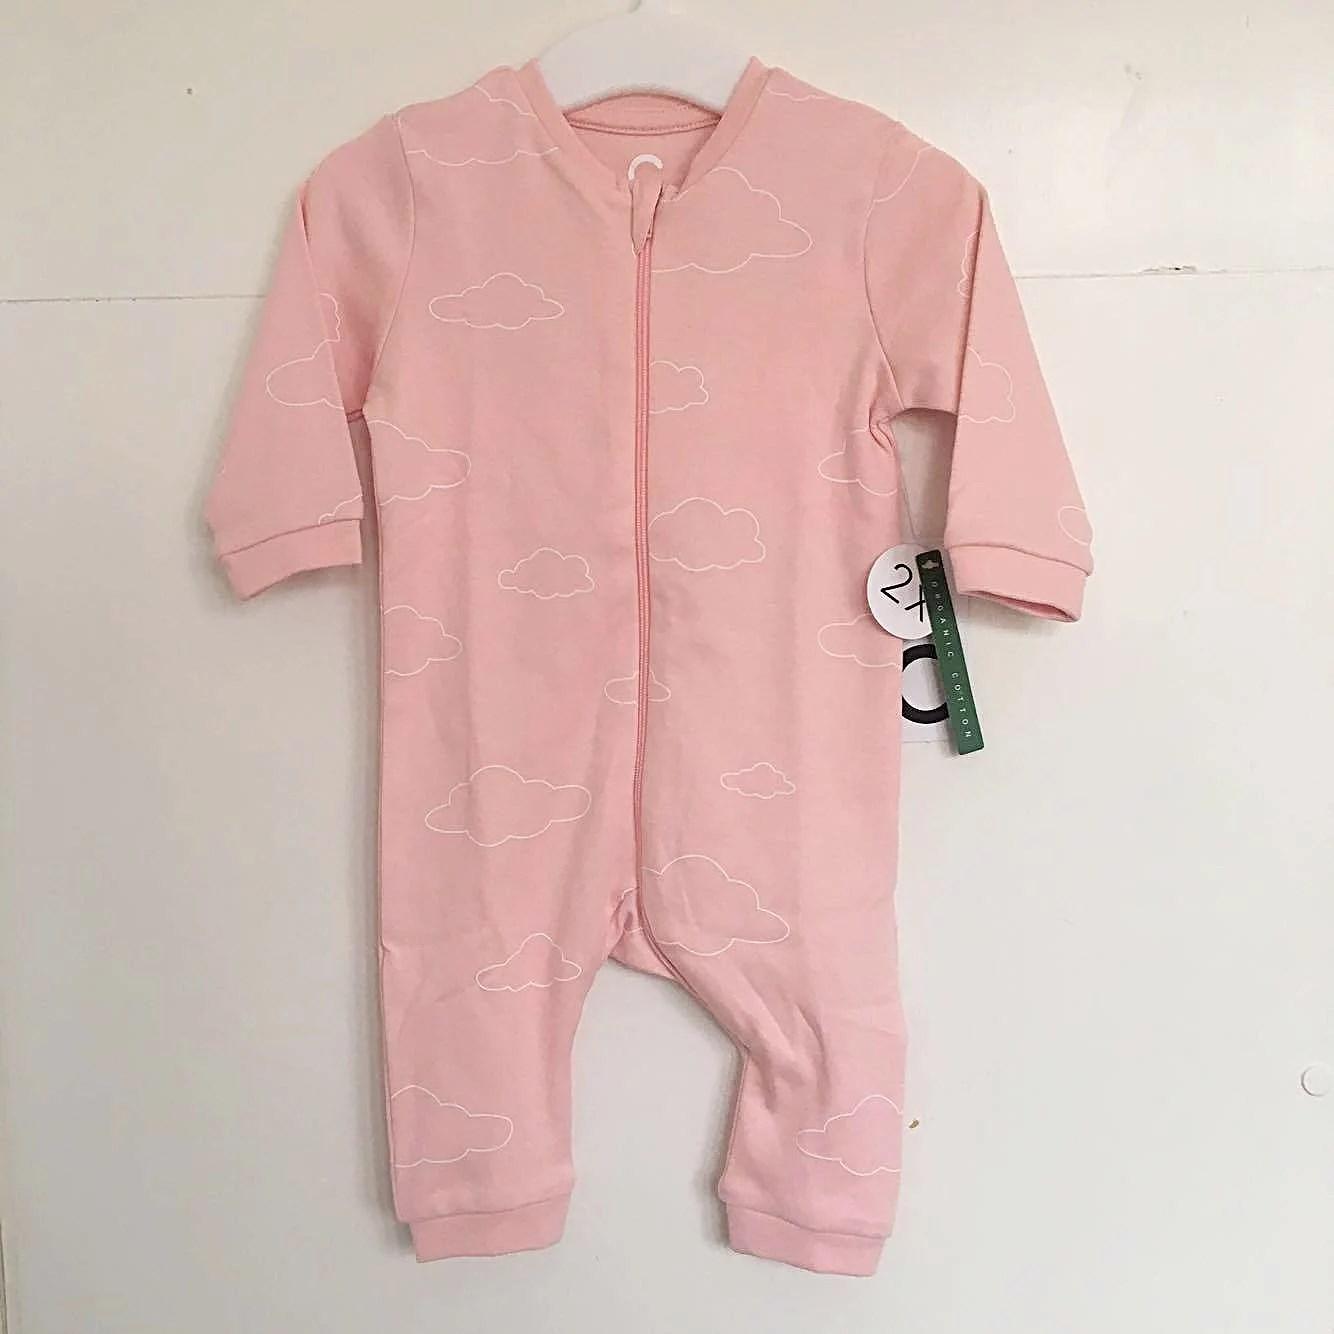 Allting inhandlat och klart till bebisen